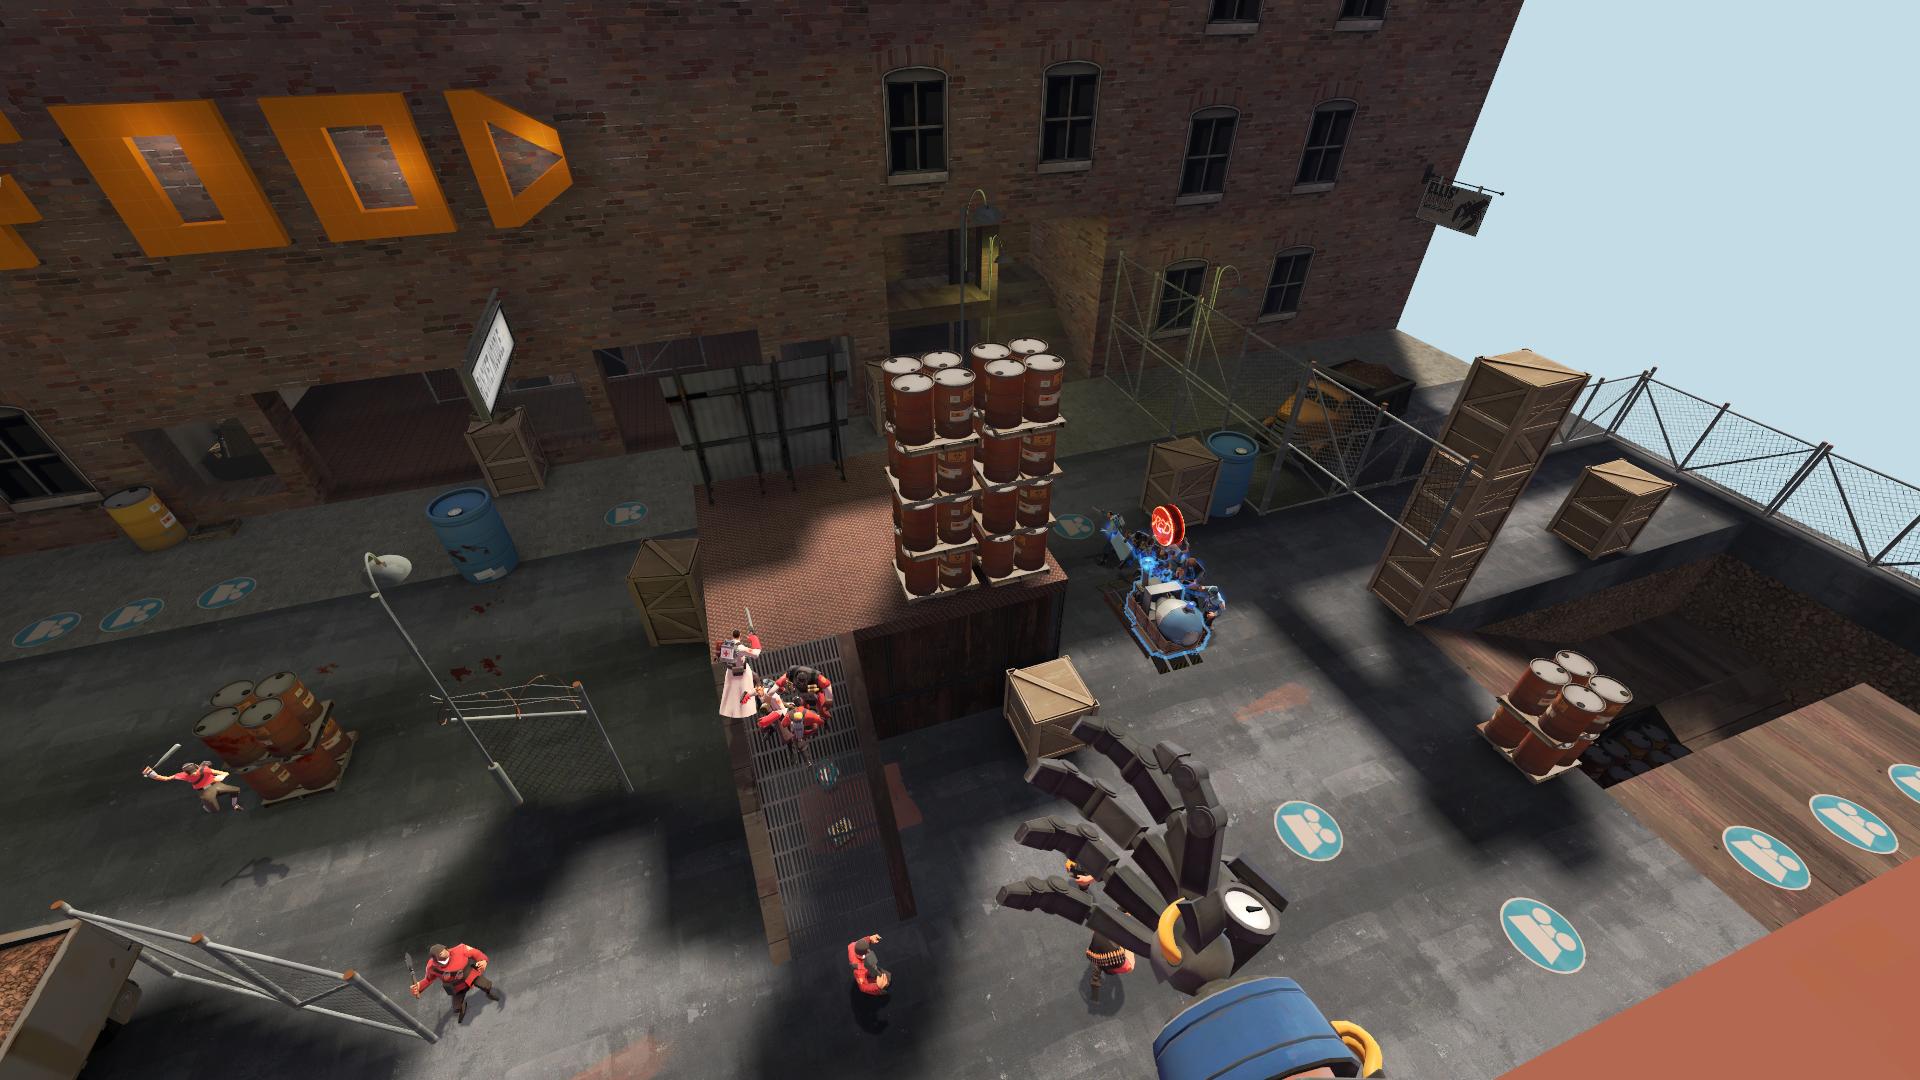 Team Fortress 2 Screenshot 2020.05.31 - 13.18.44.39 - Copy.png